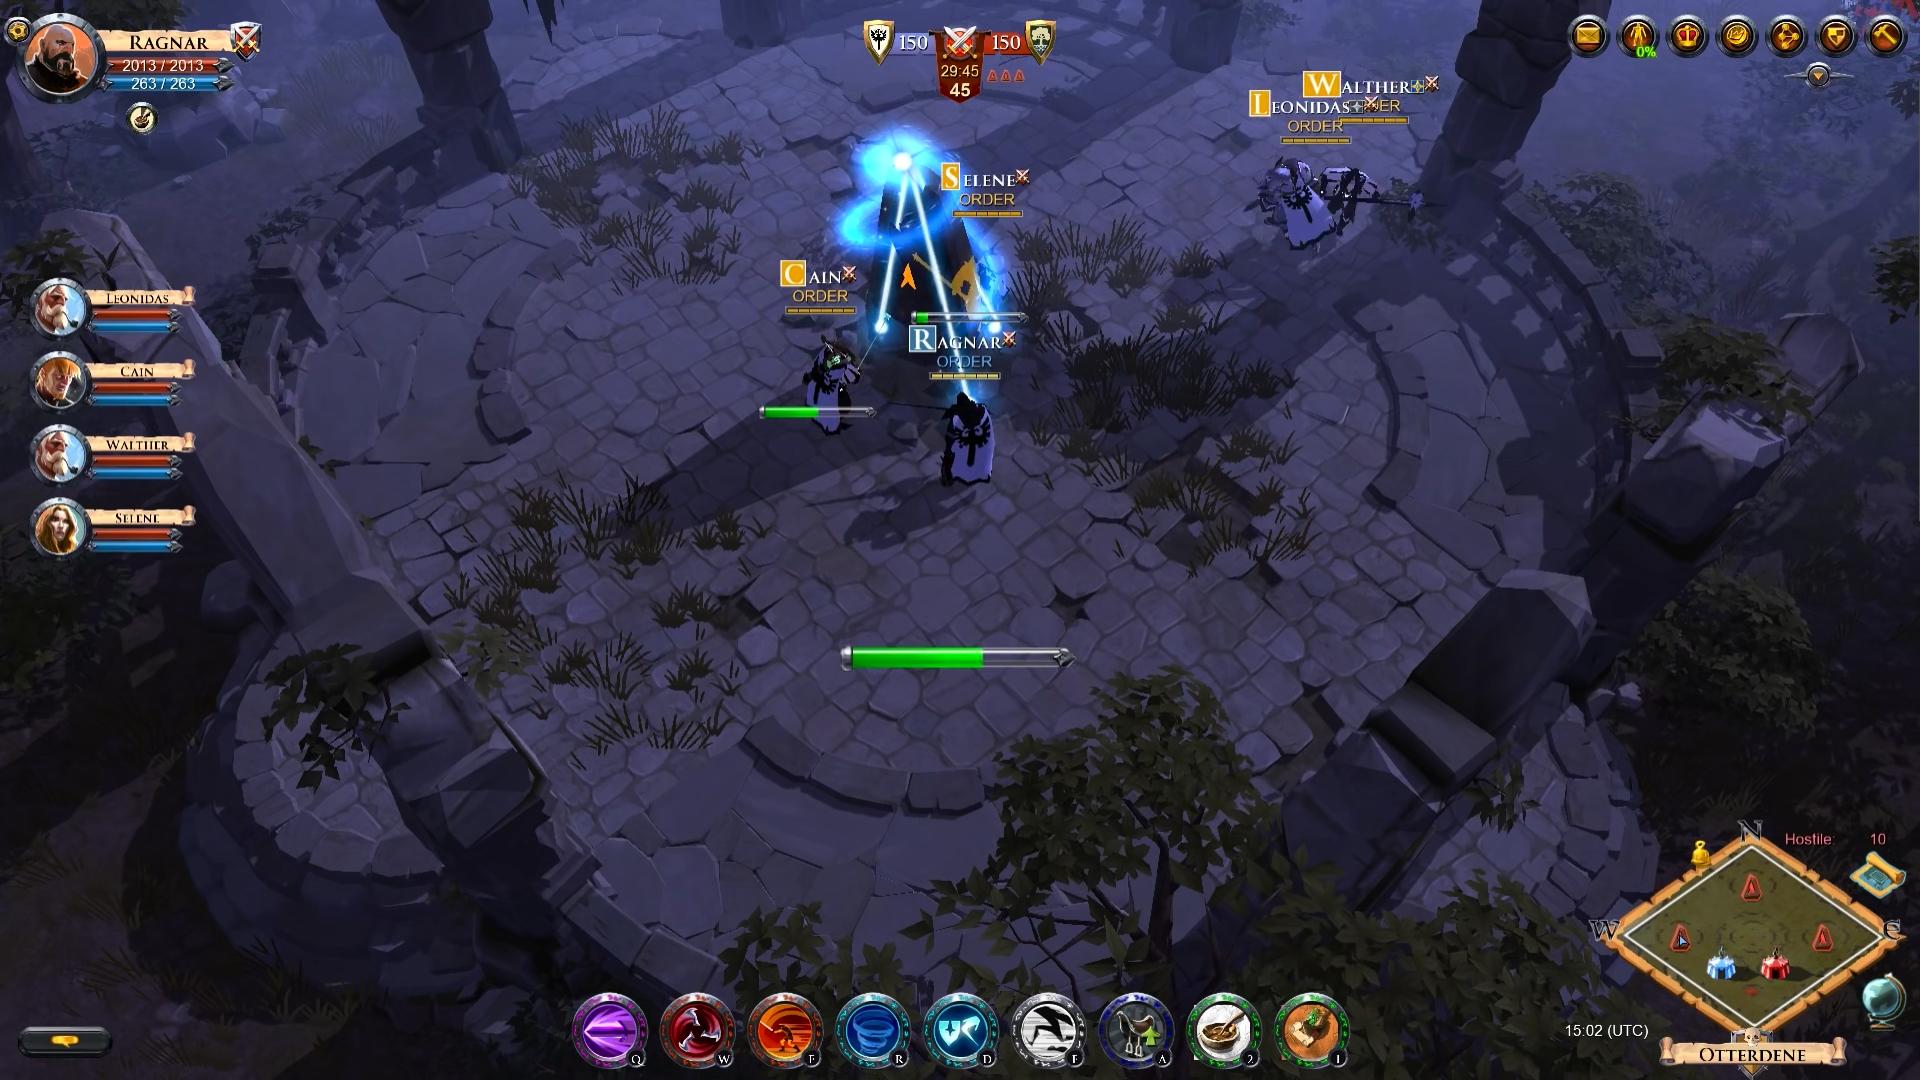 Albion_Online Screens_Guild vs Guild